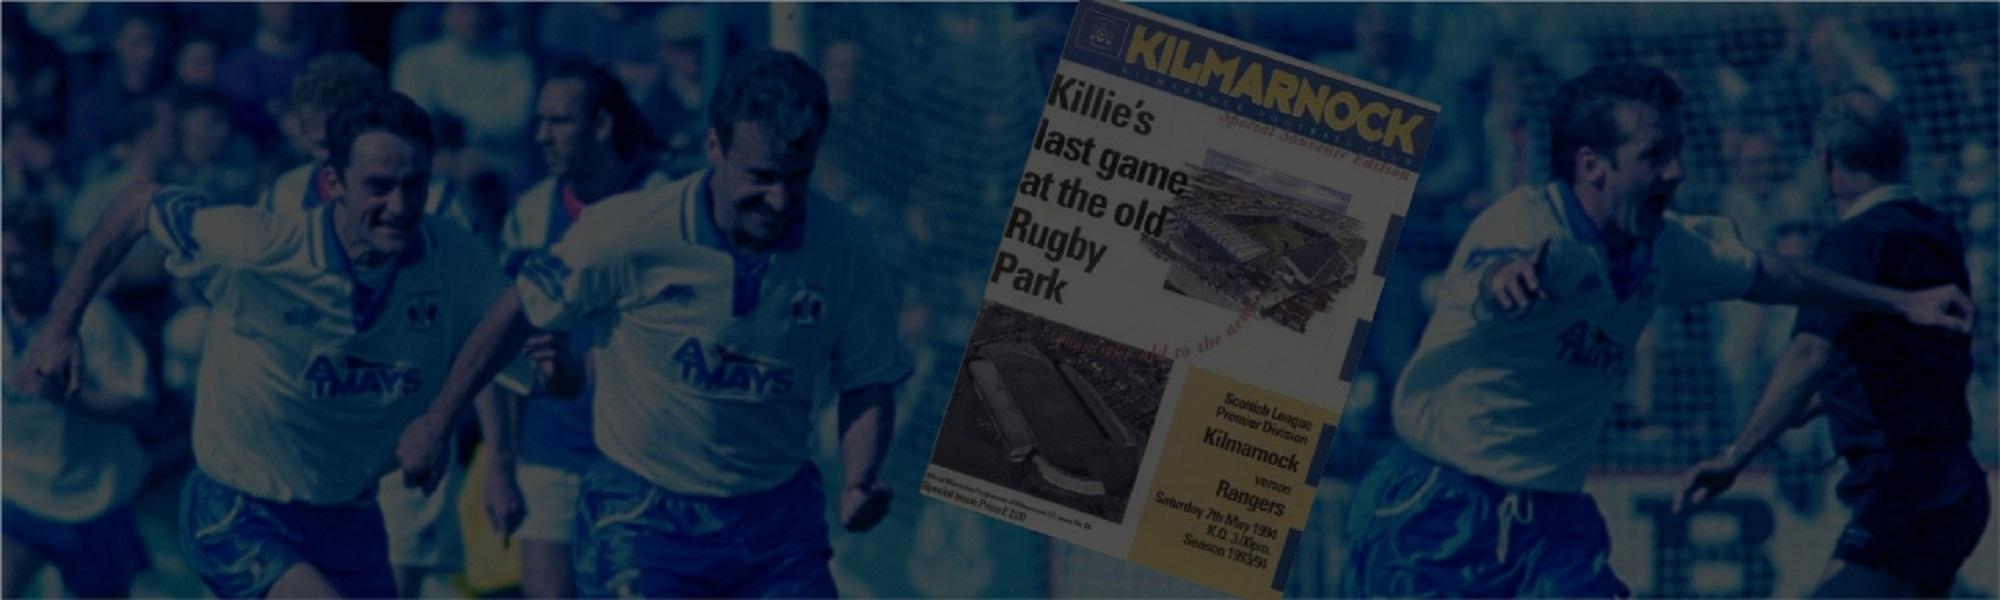 Killie 1-0 Rangers